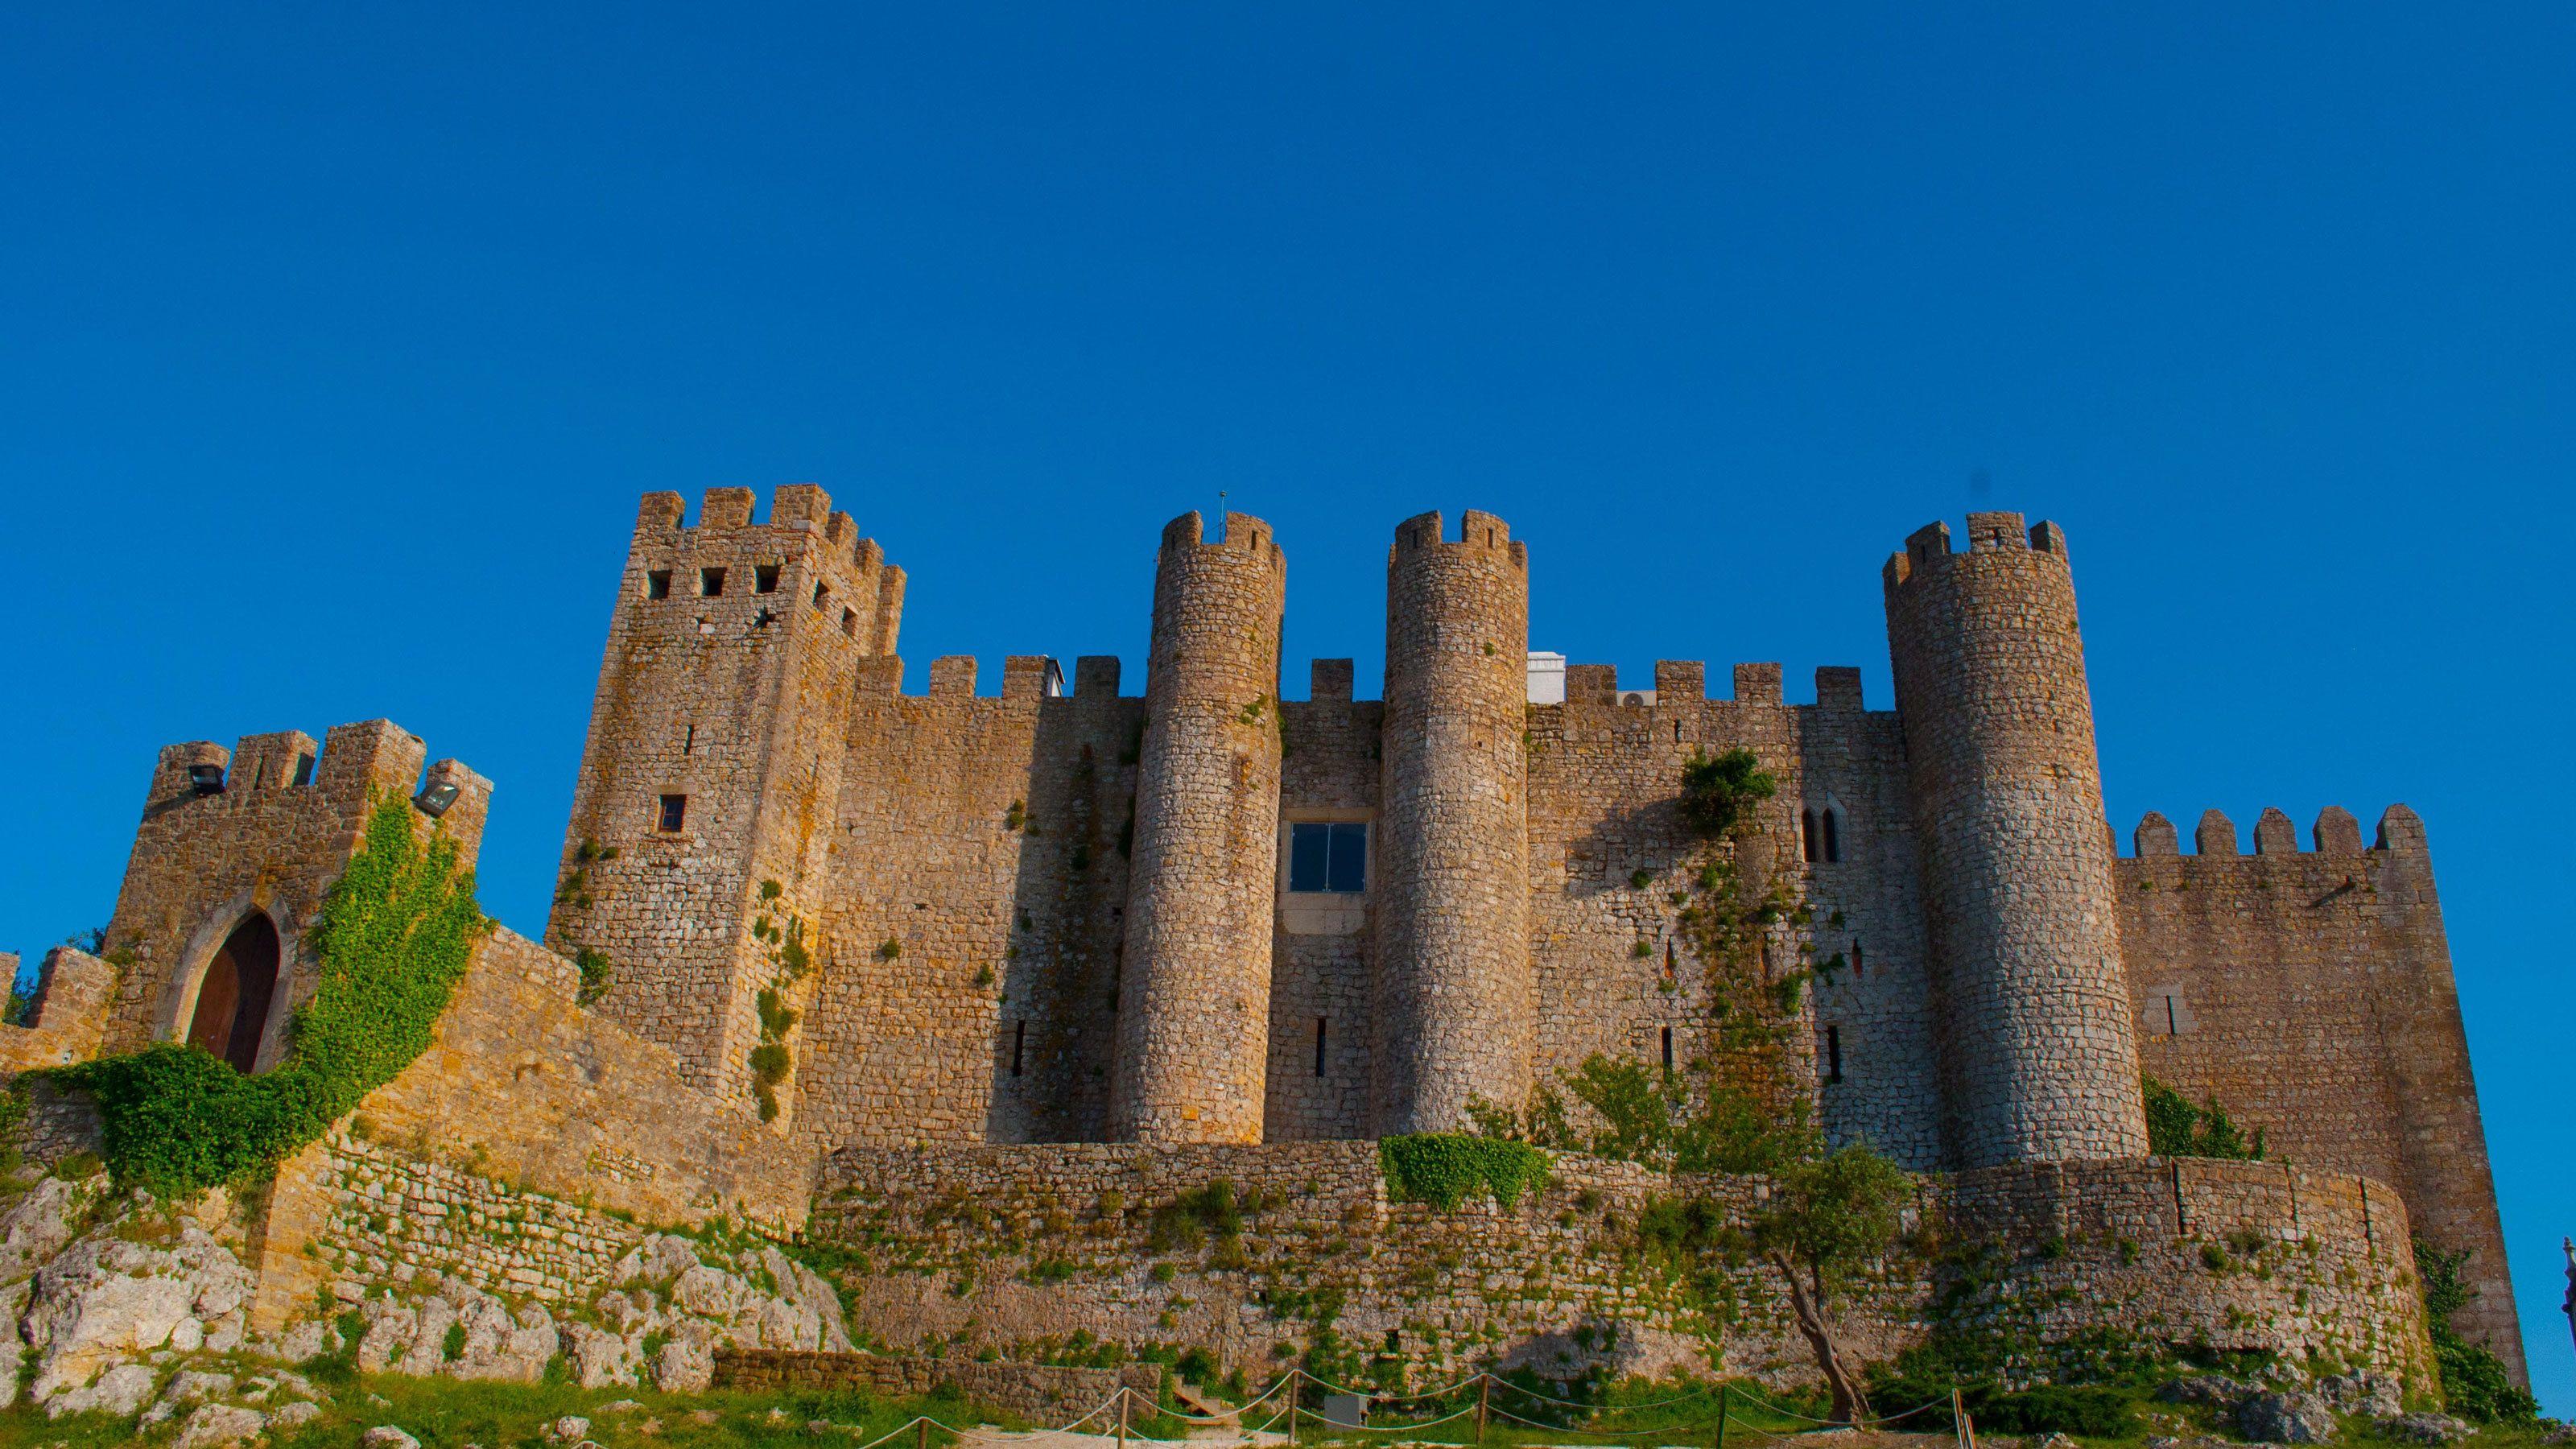 Castle in Obidos, Portugal